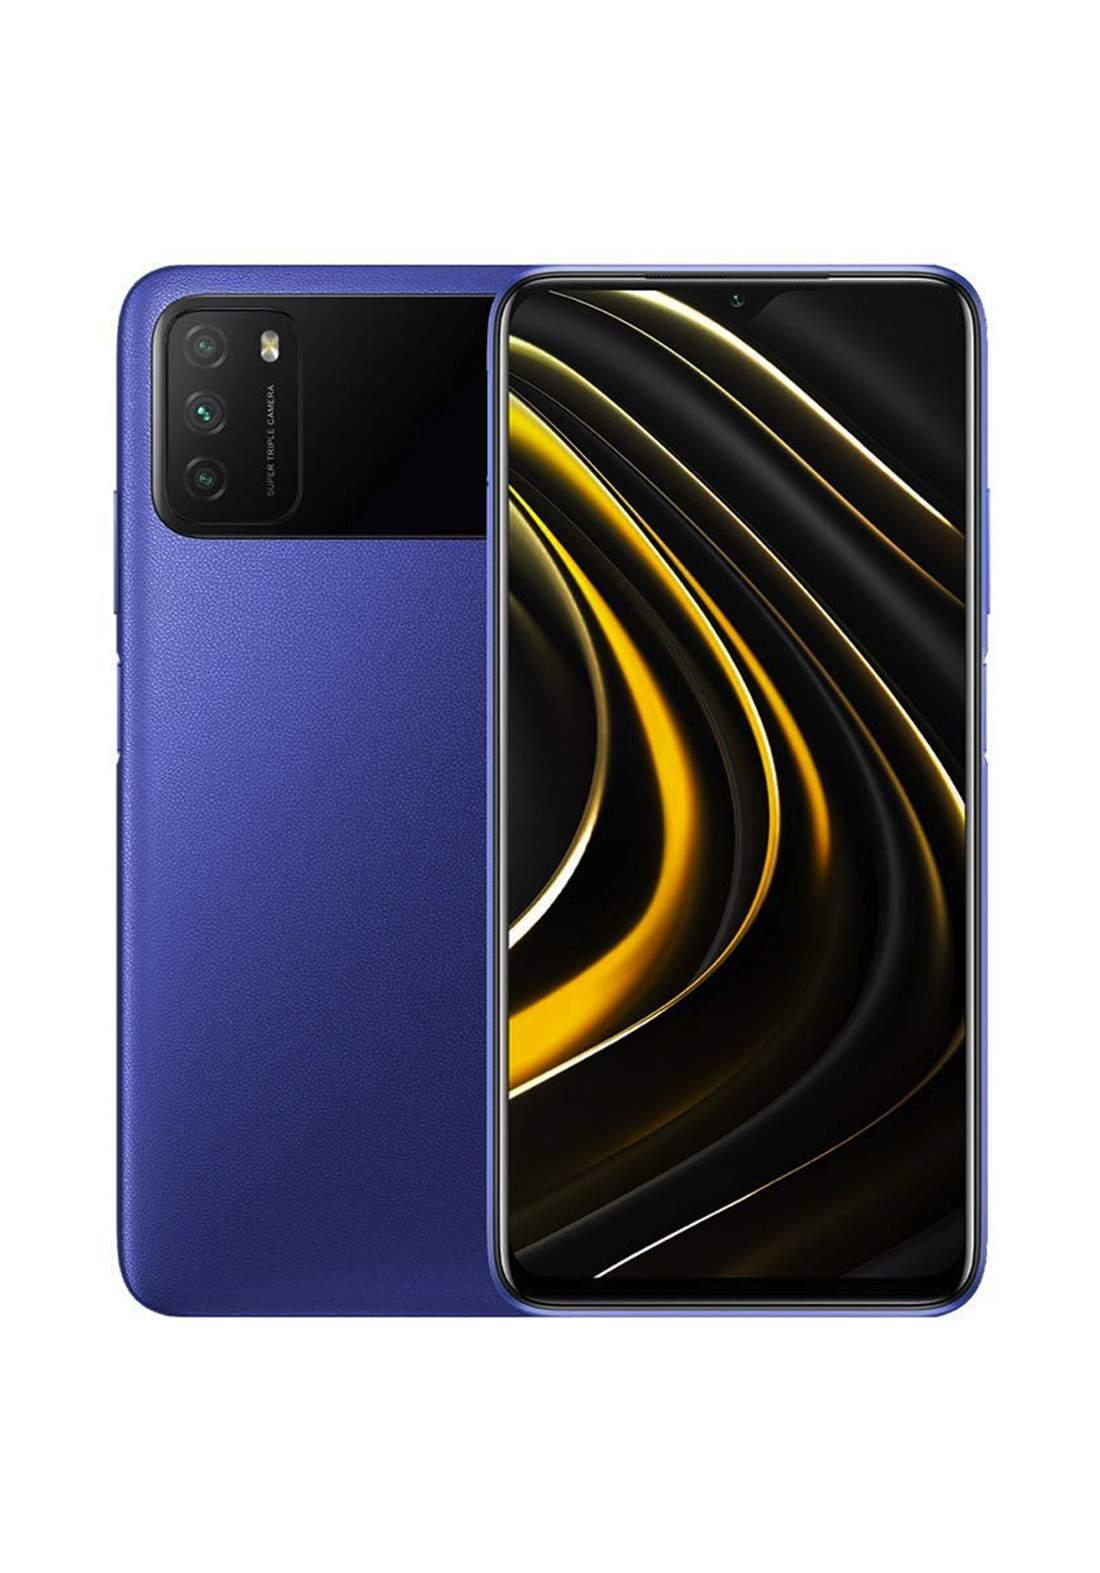 Xiaomi Poco M3 Doul SIM 128GB 4GB Ram - Blue